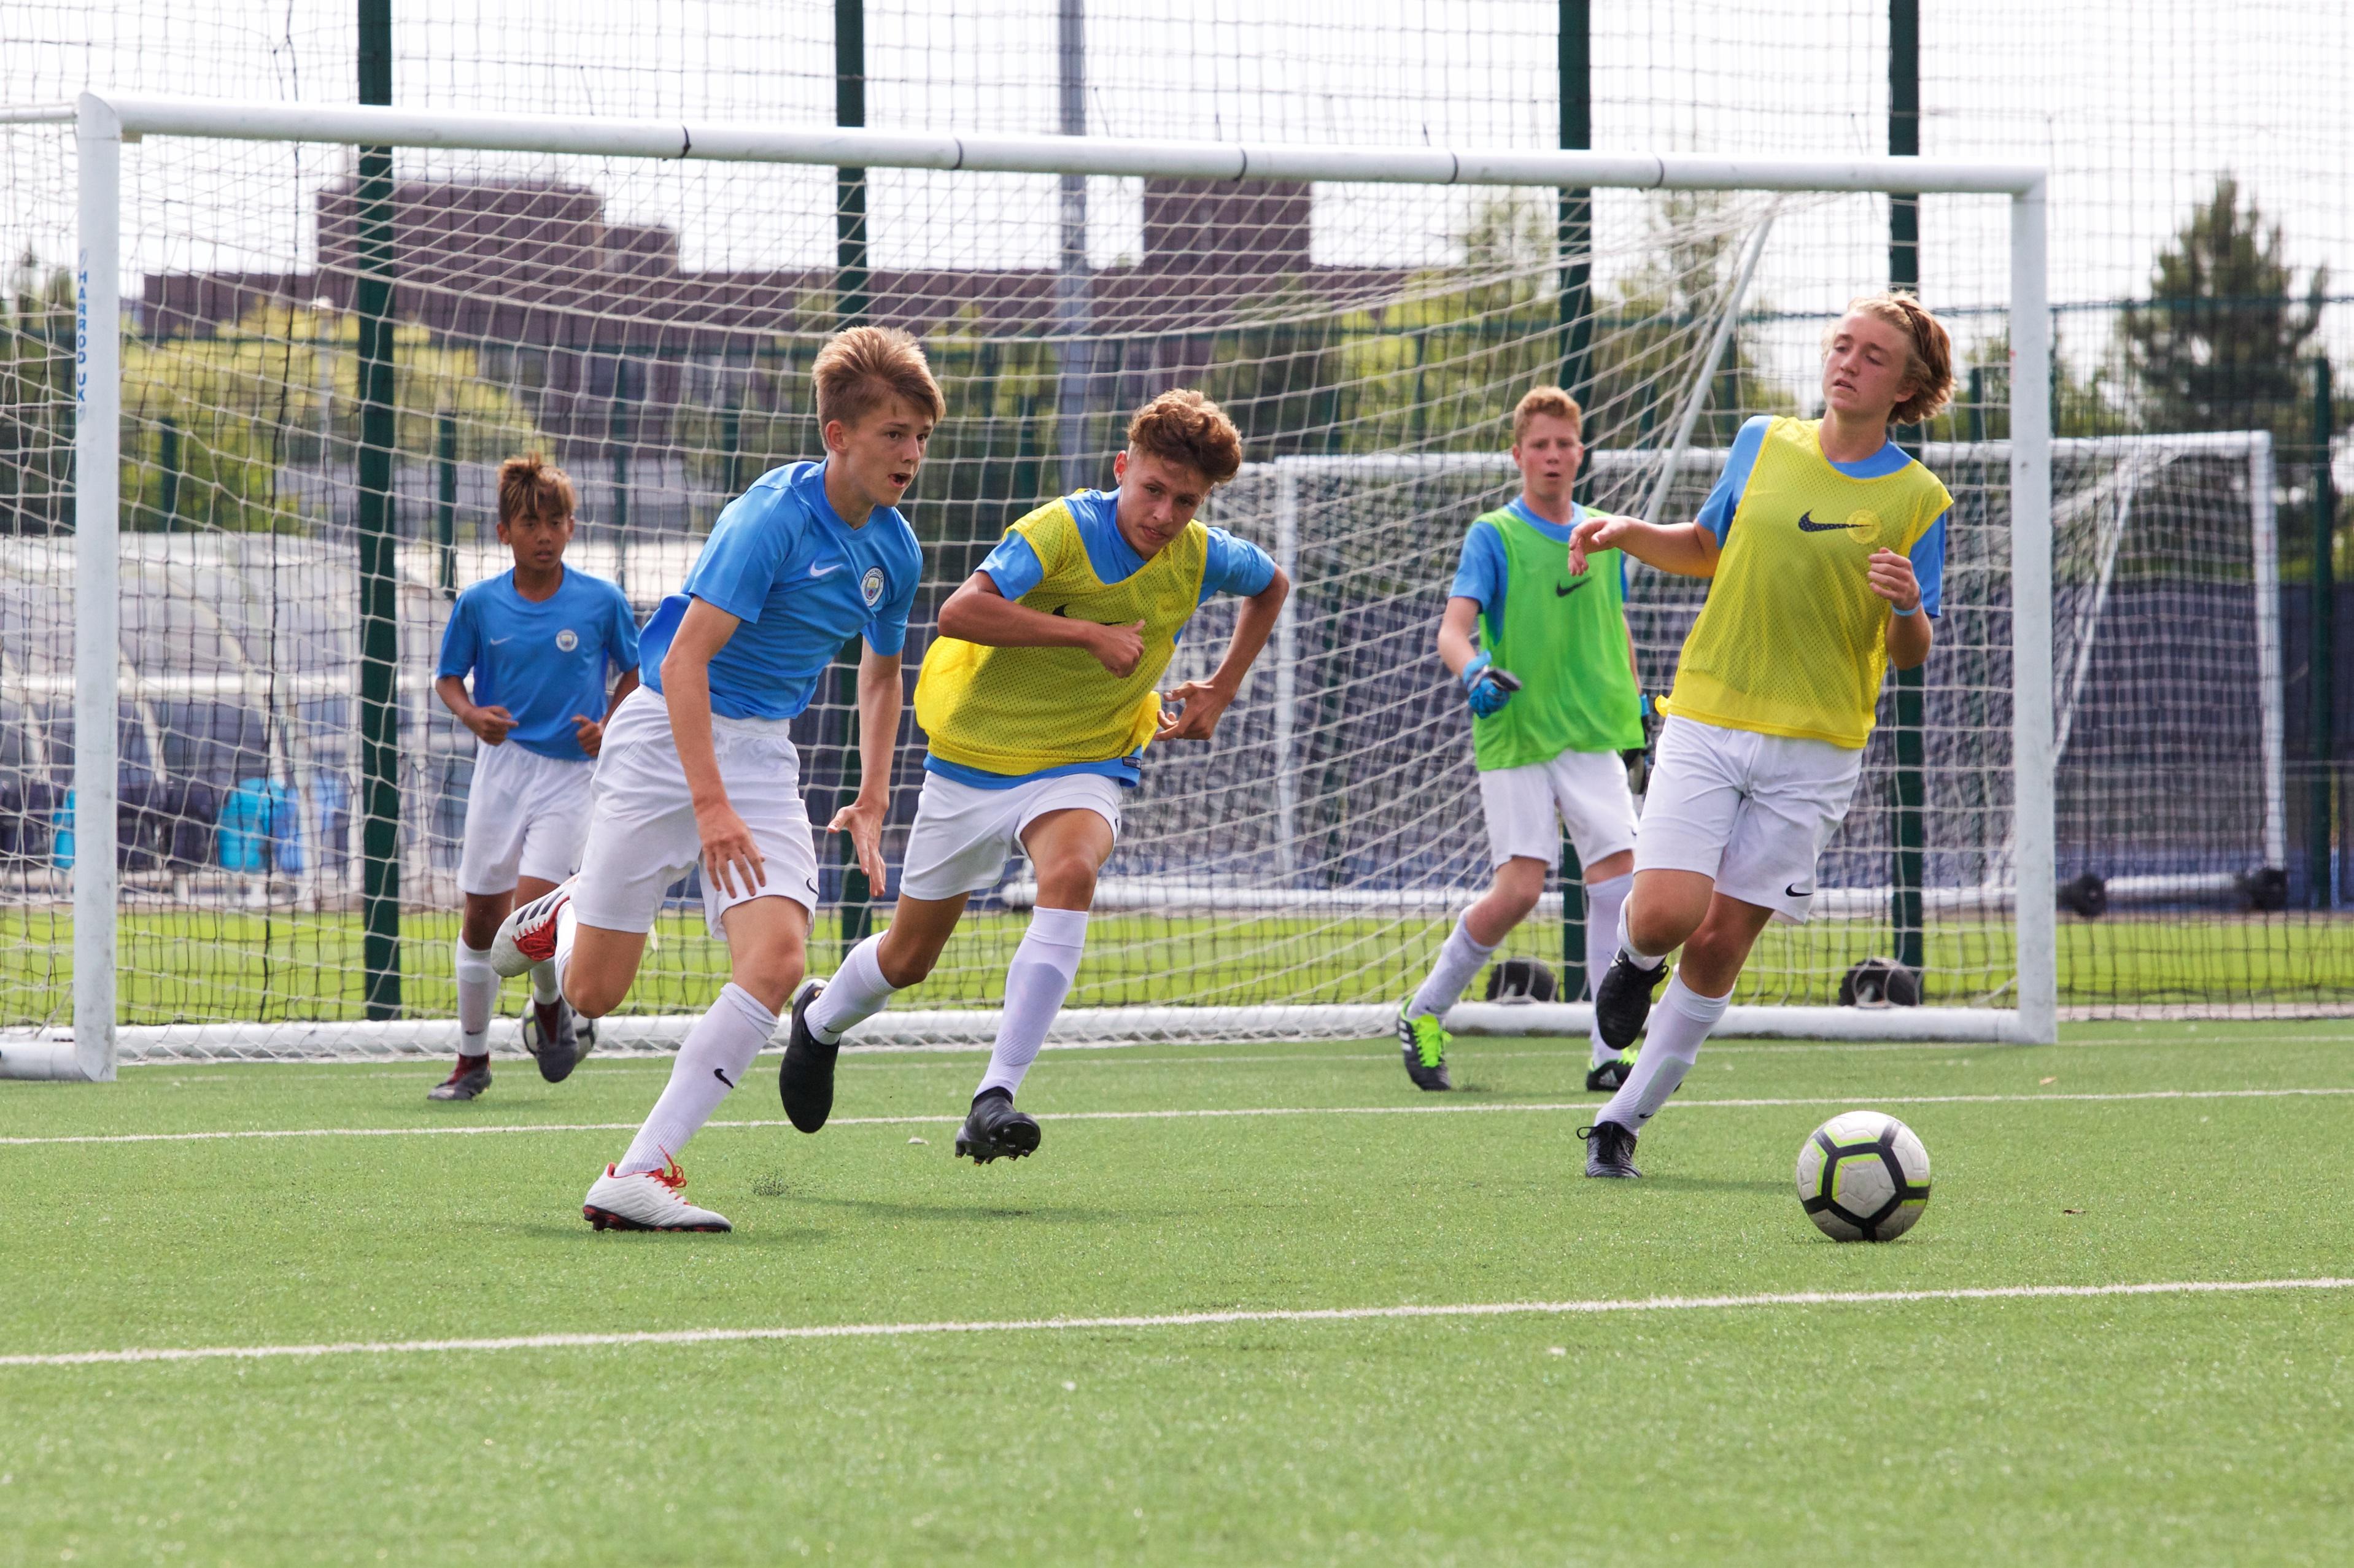 City Football Course Photos 2018 (13)